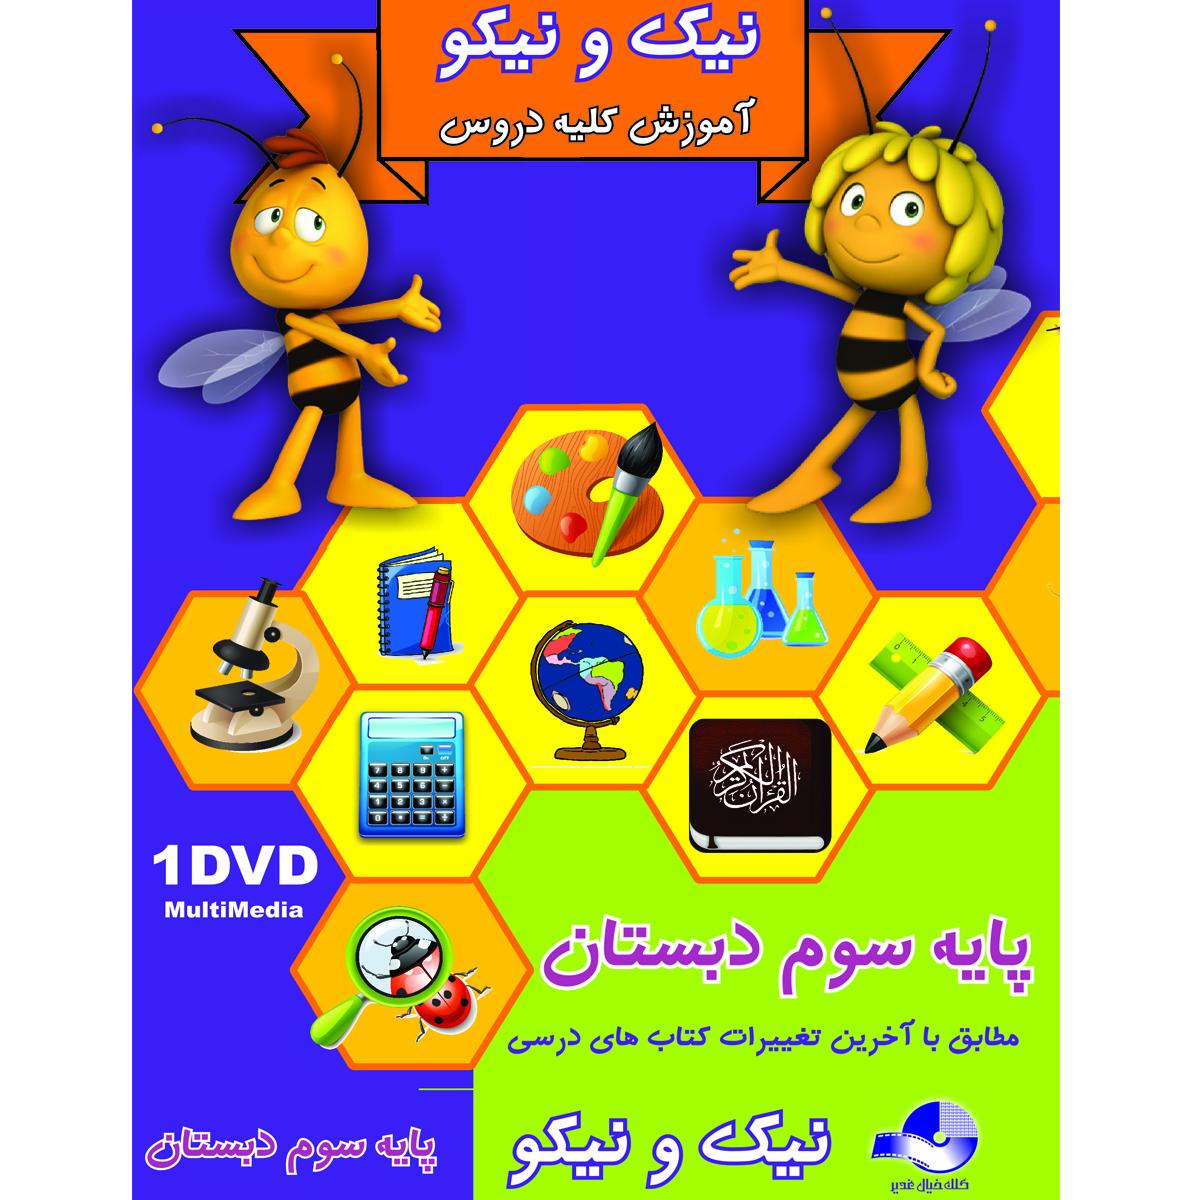 نرم افزار کمک آموزشی نیک و نیکو پایه سوم دبستان نشر کلک خیال غدیر